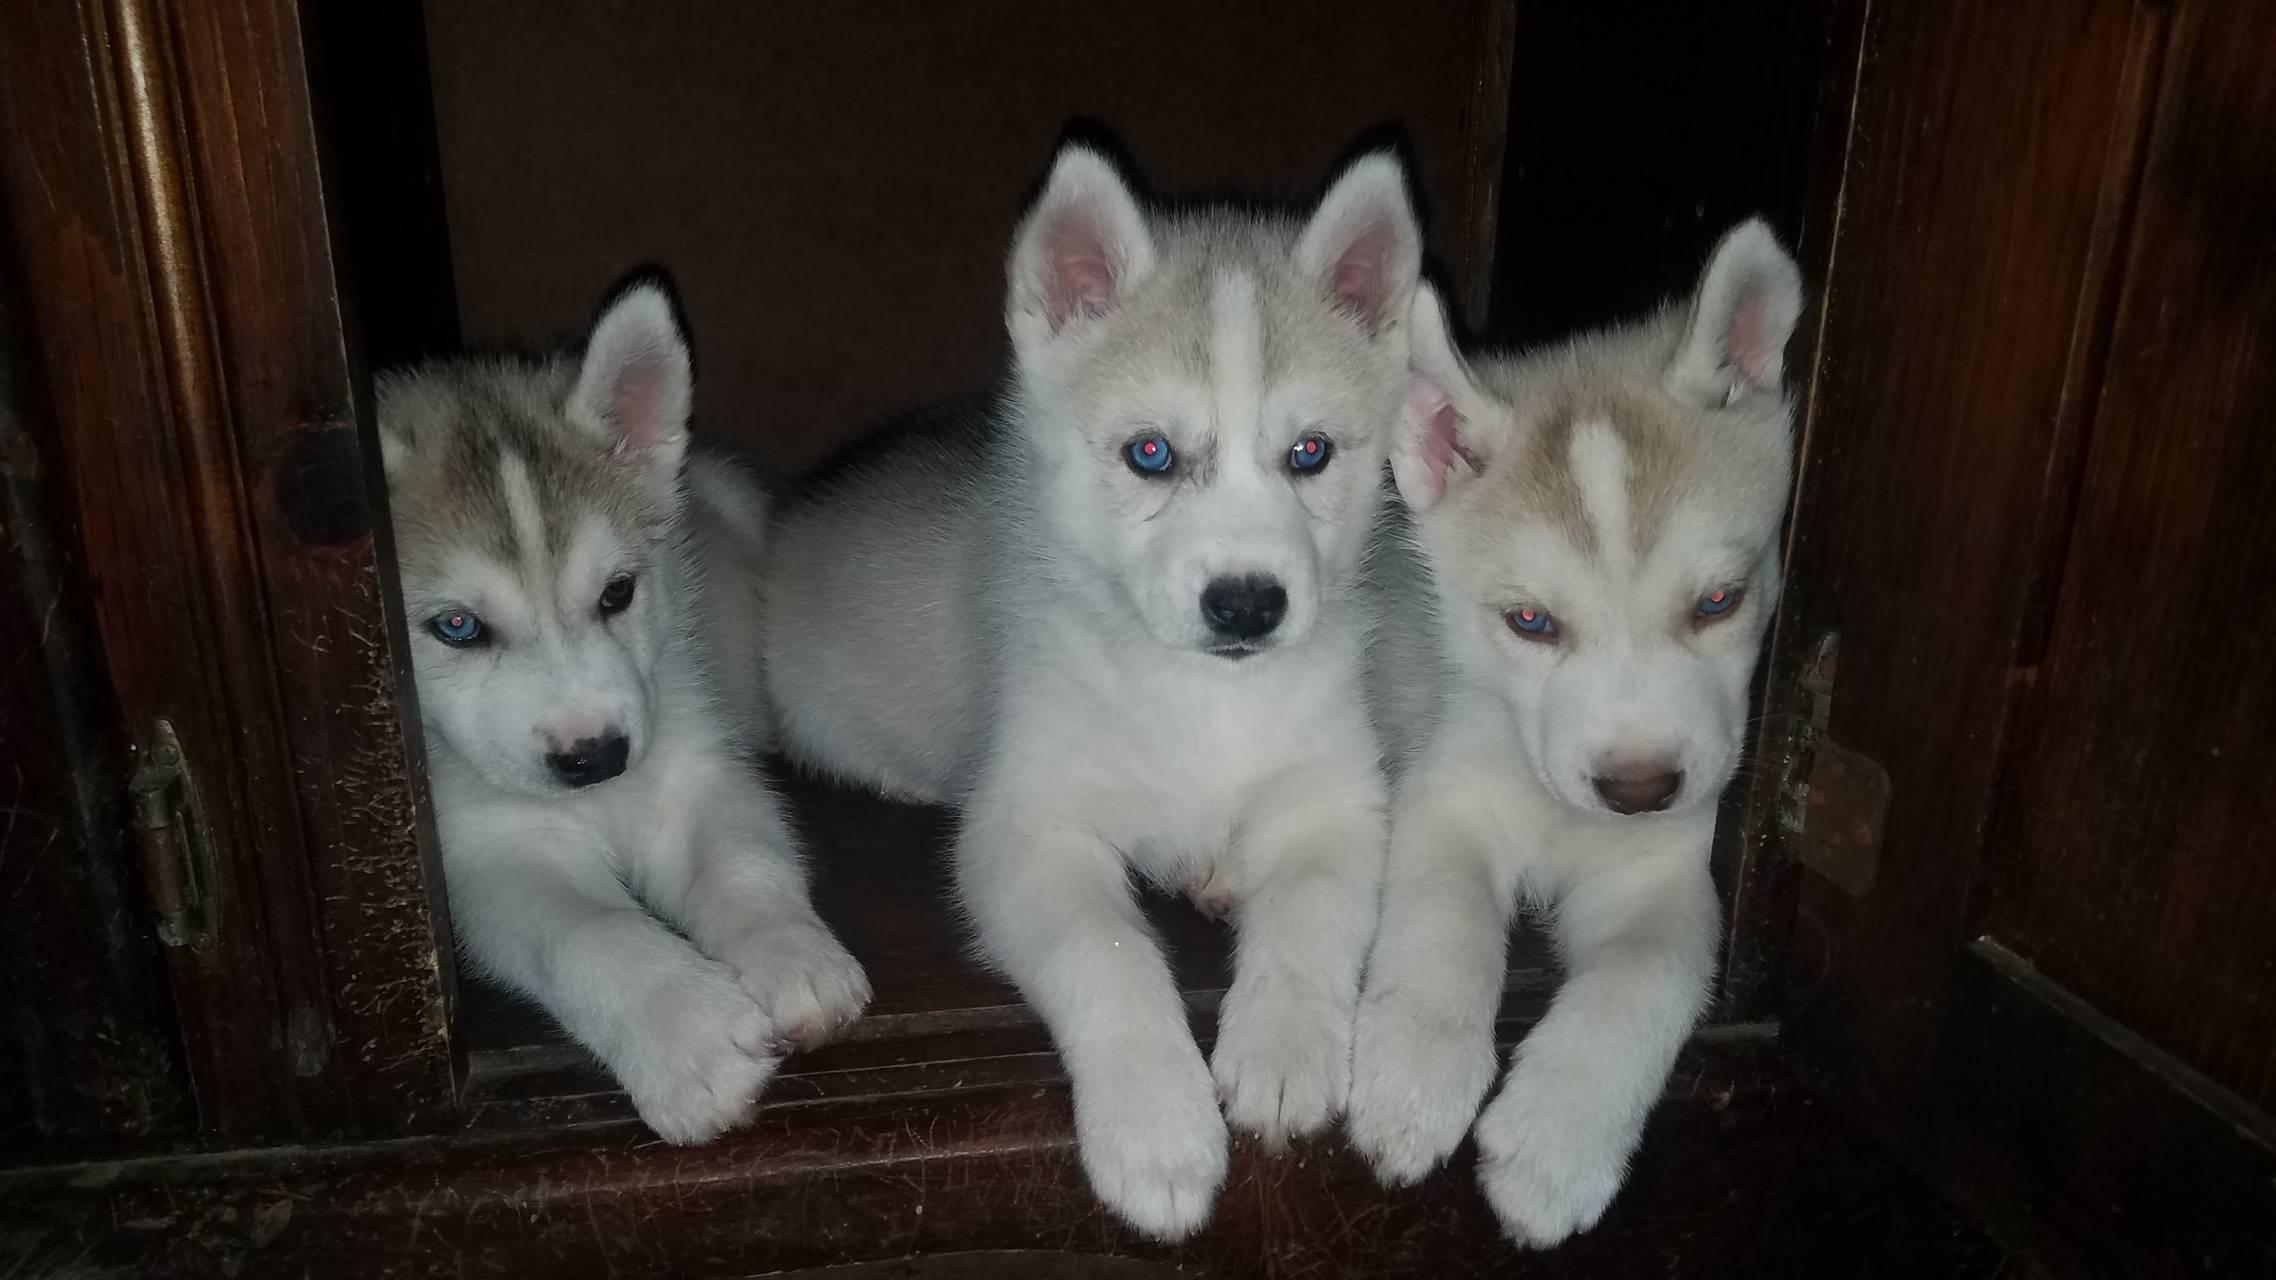 Husky babies